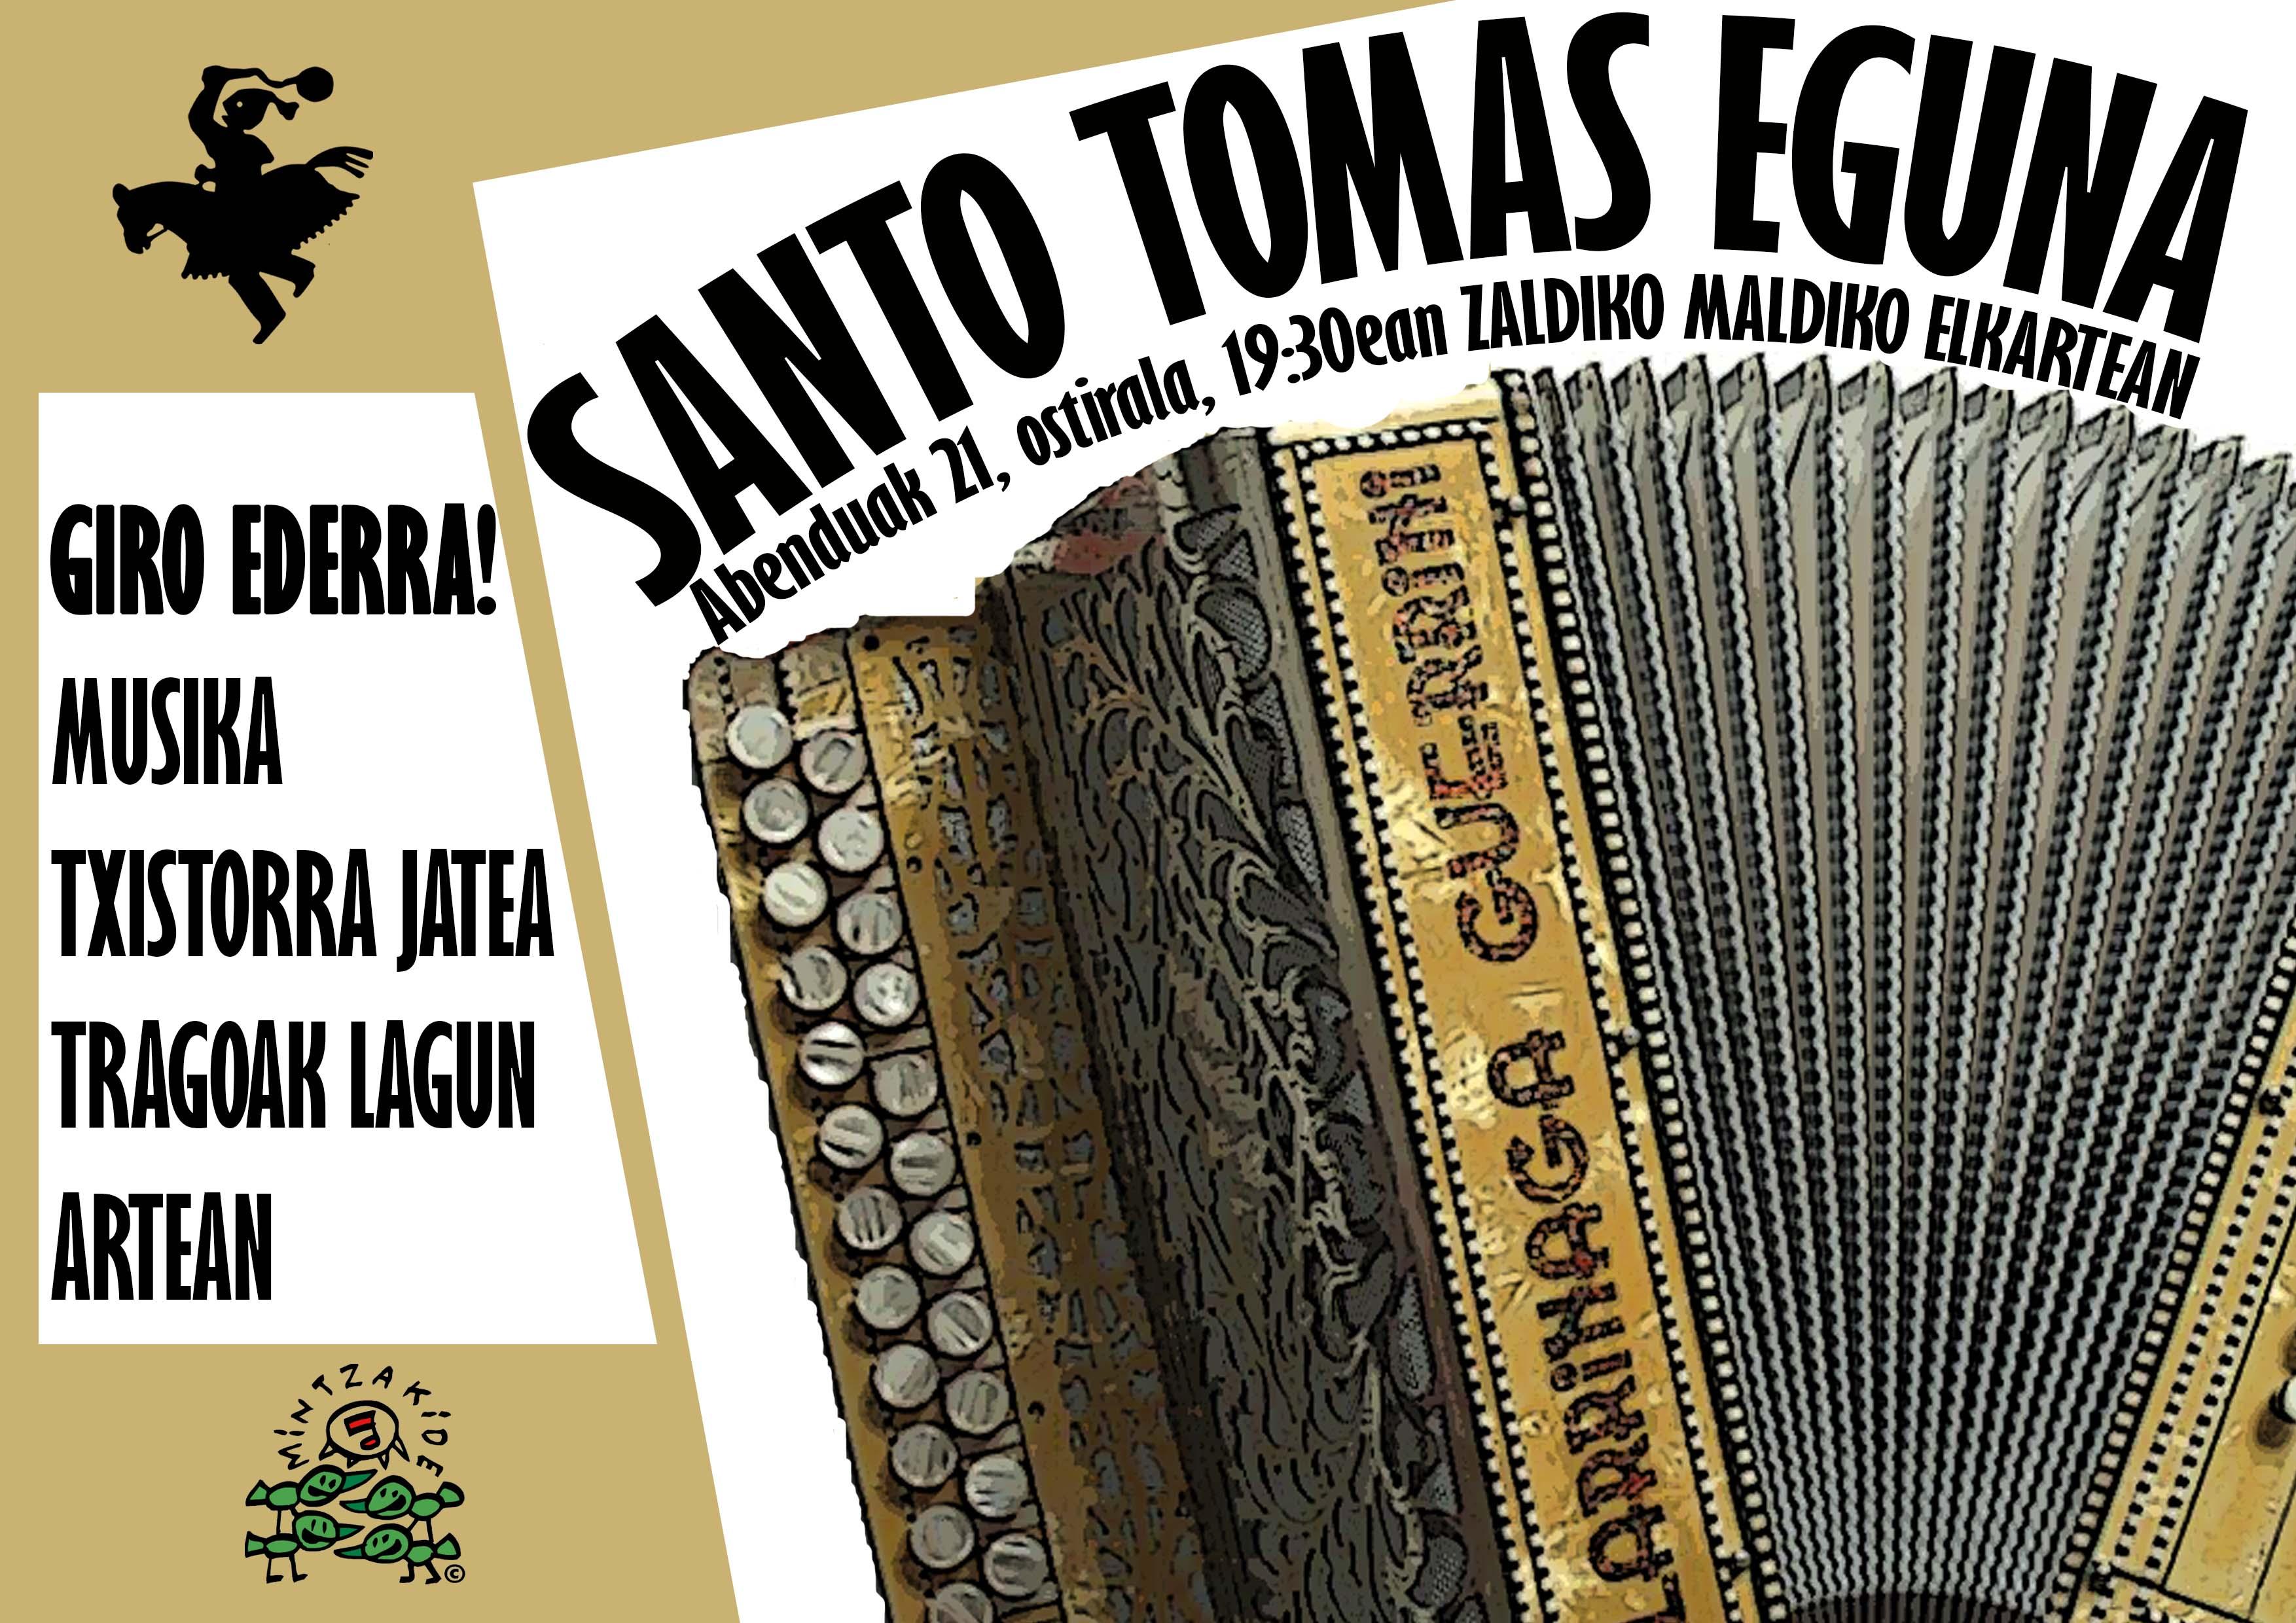 Tomas Deuna, Zaldiko Maldiko Elkartean @ ZALDIKO MALDIKO KULTUR ELKARTEA